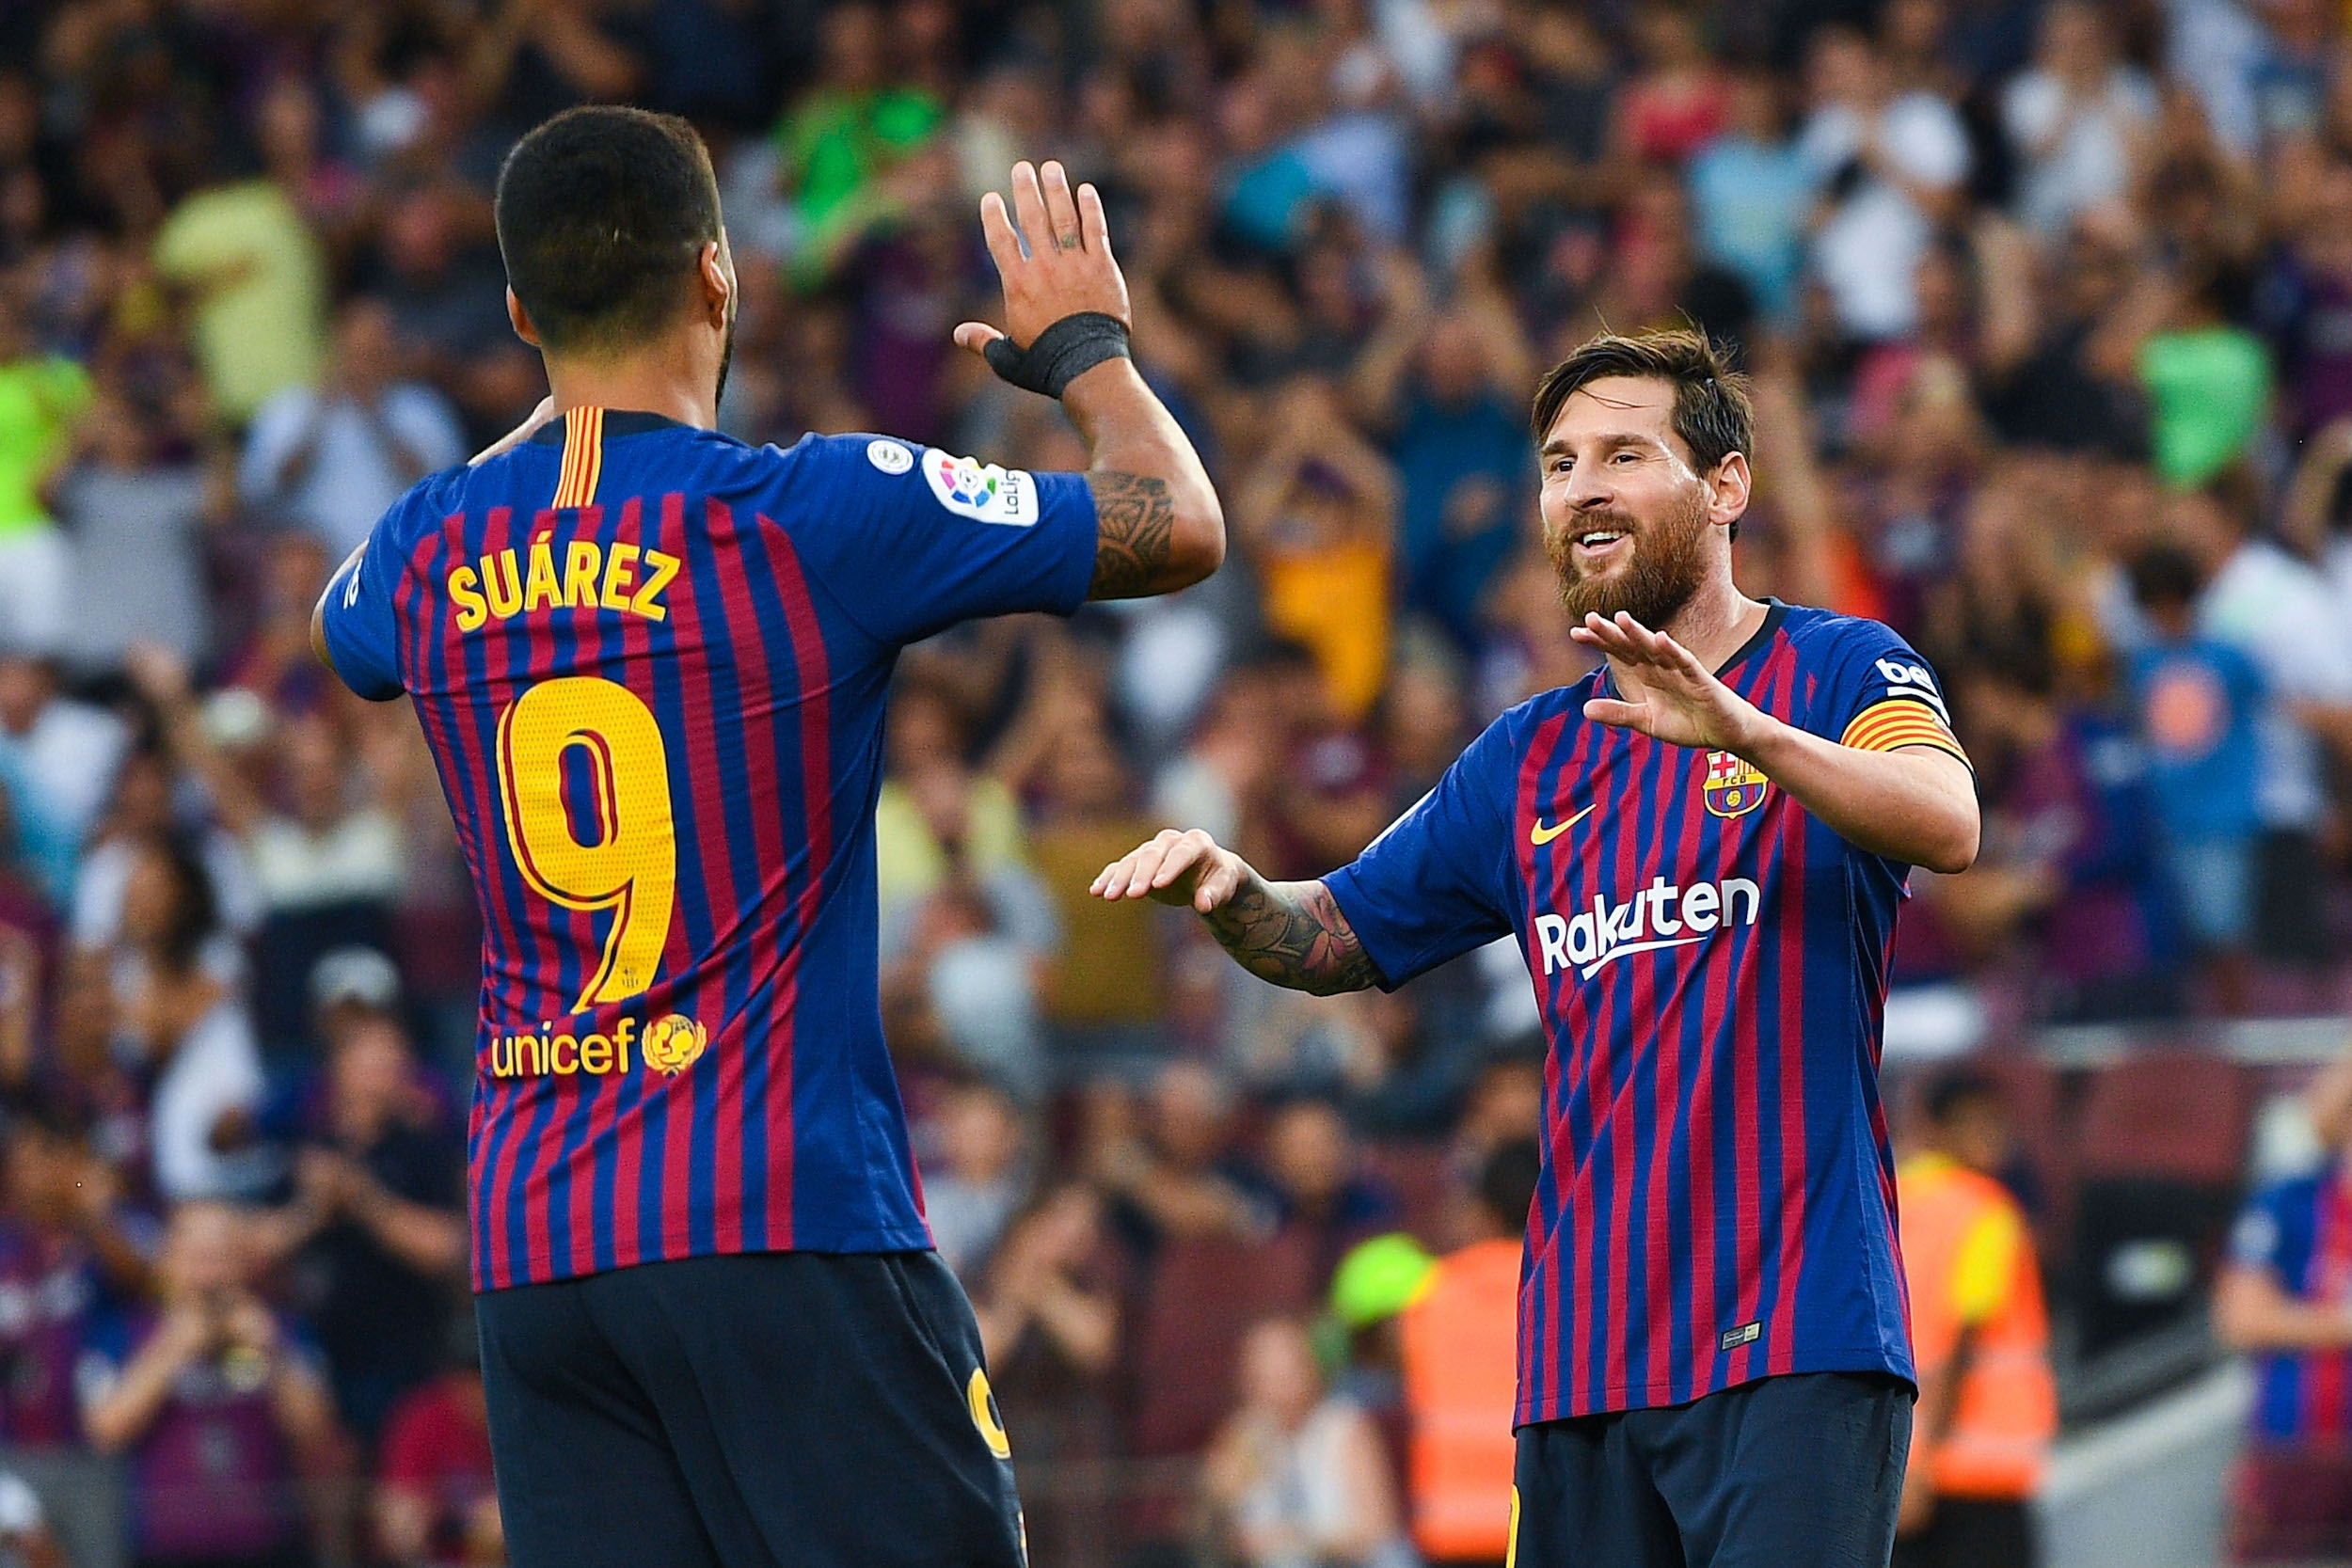 Шампионът Барселона е клубът с най-много чужденци в първия си